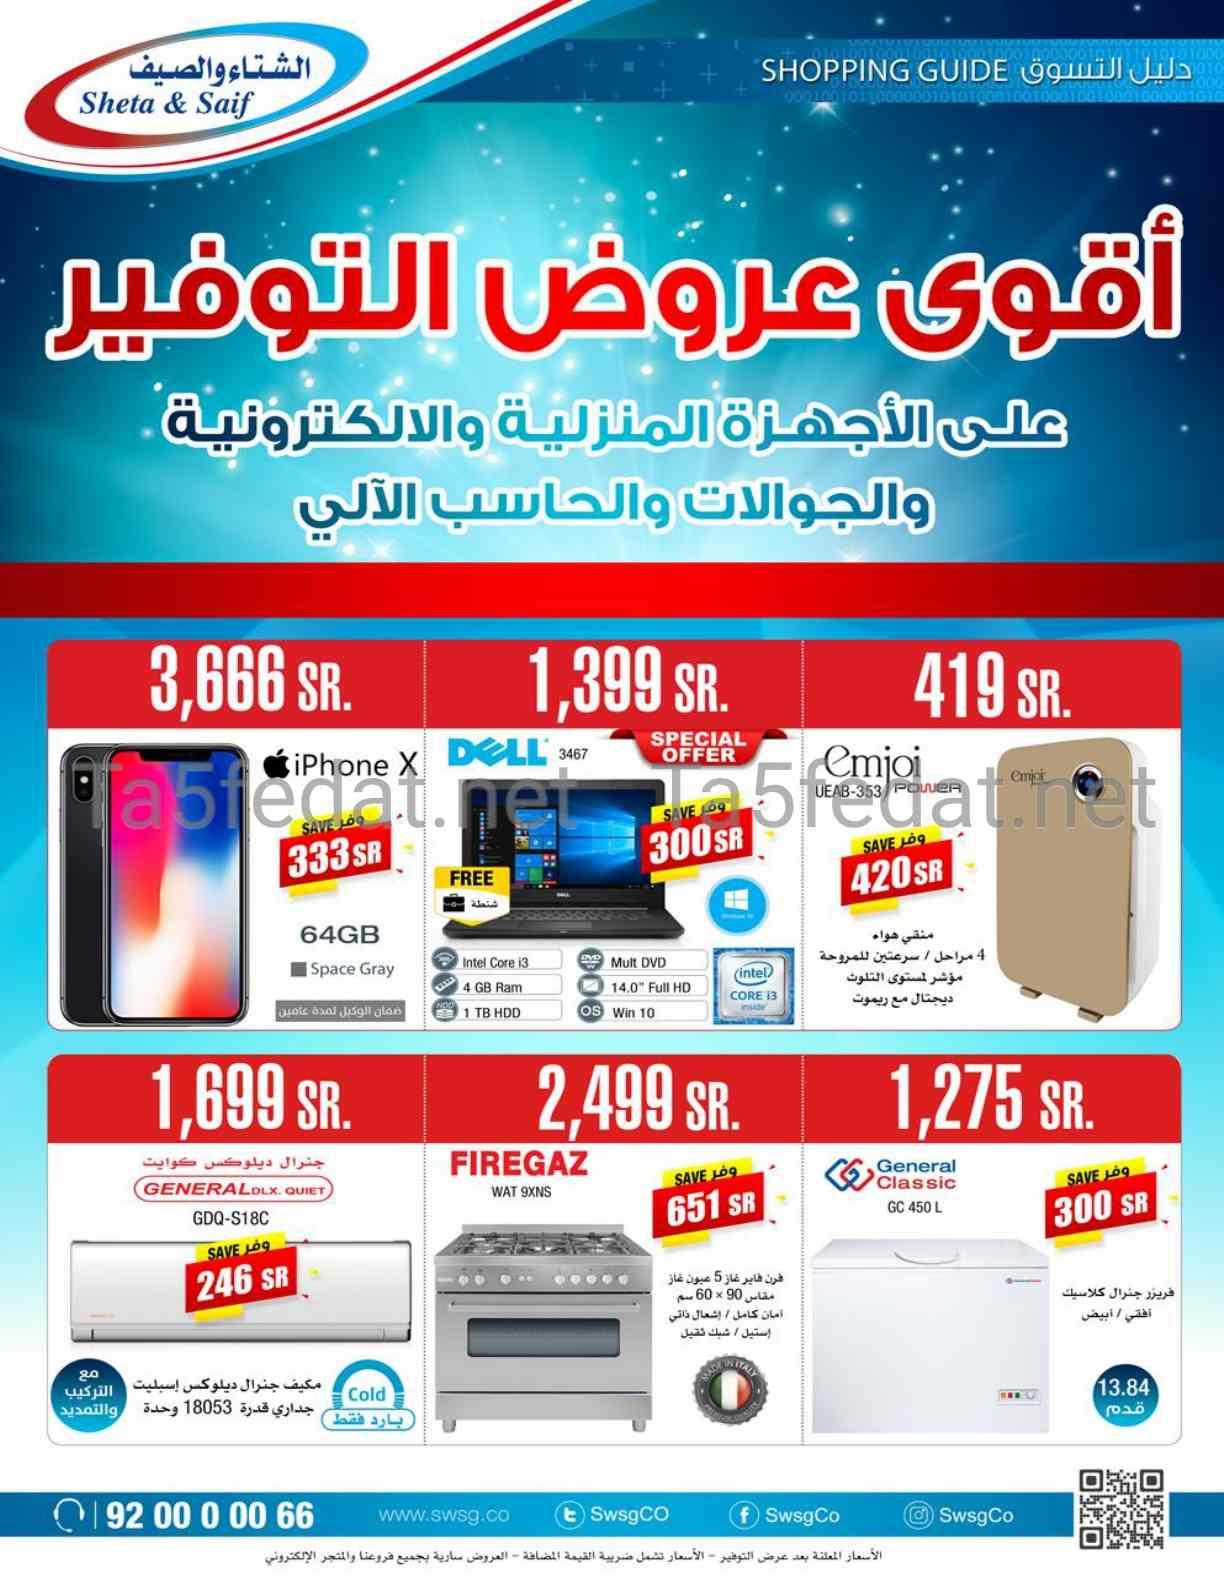 عروض الشتاء والصيف السعودية للاجهزة الكهربائية